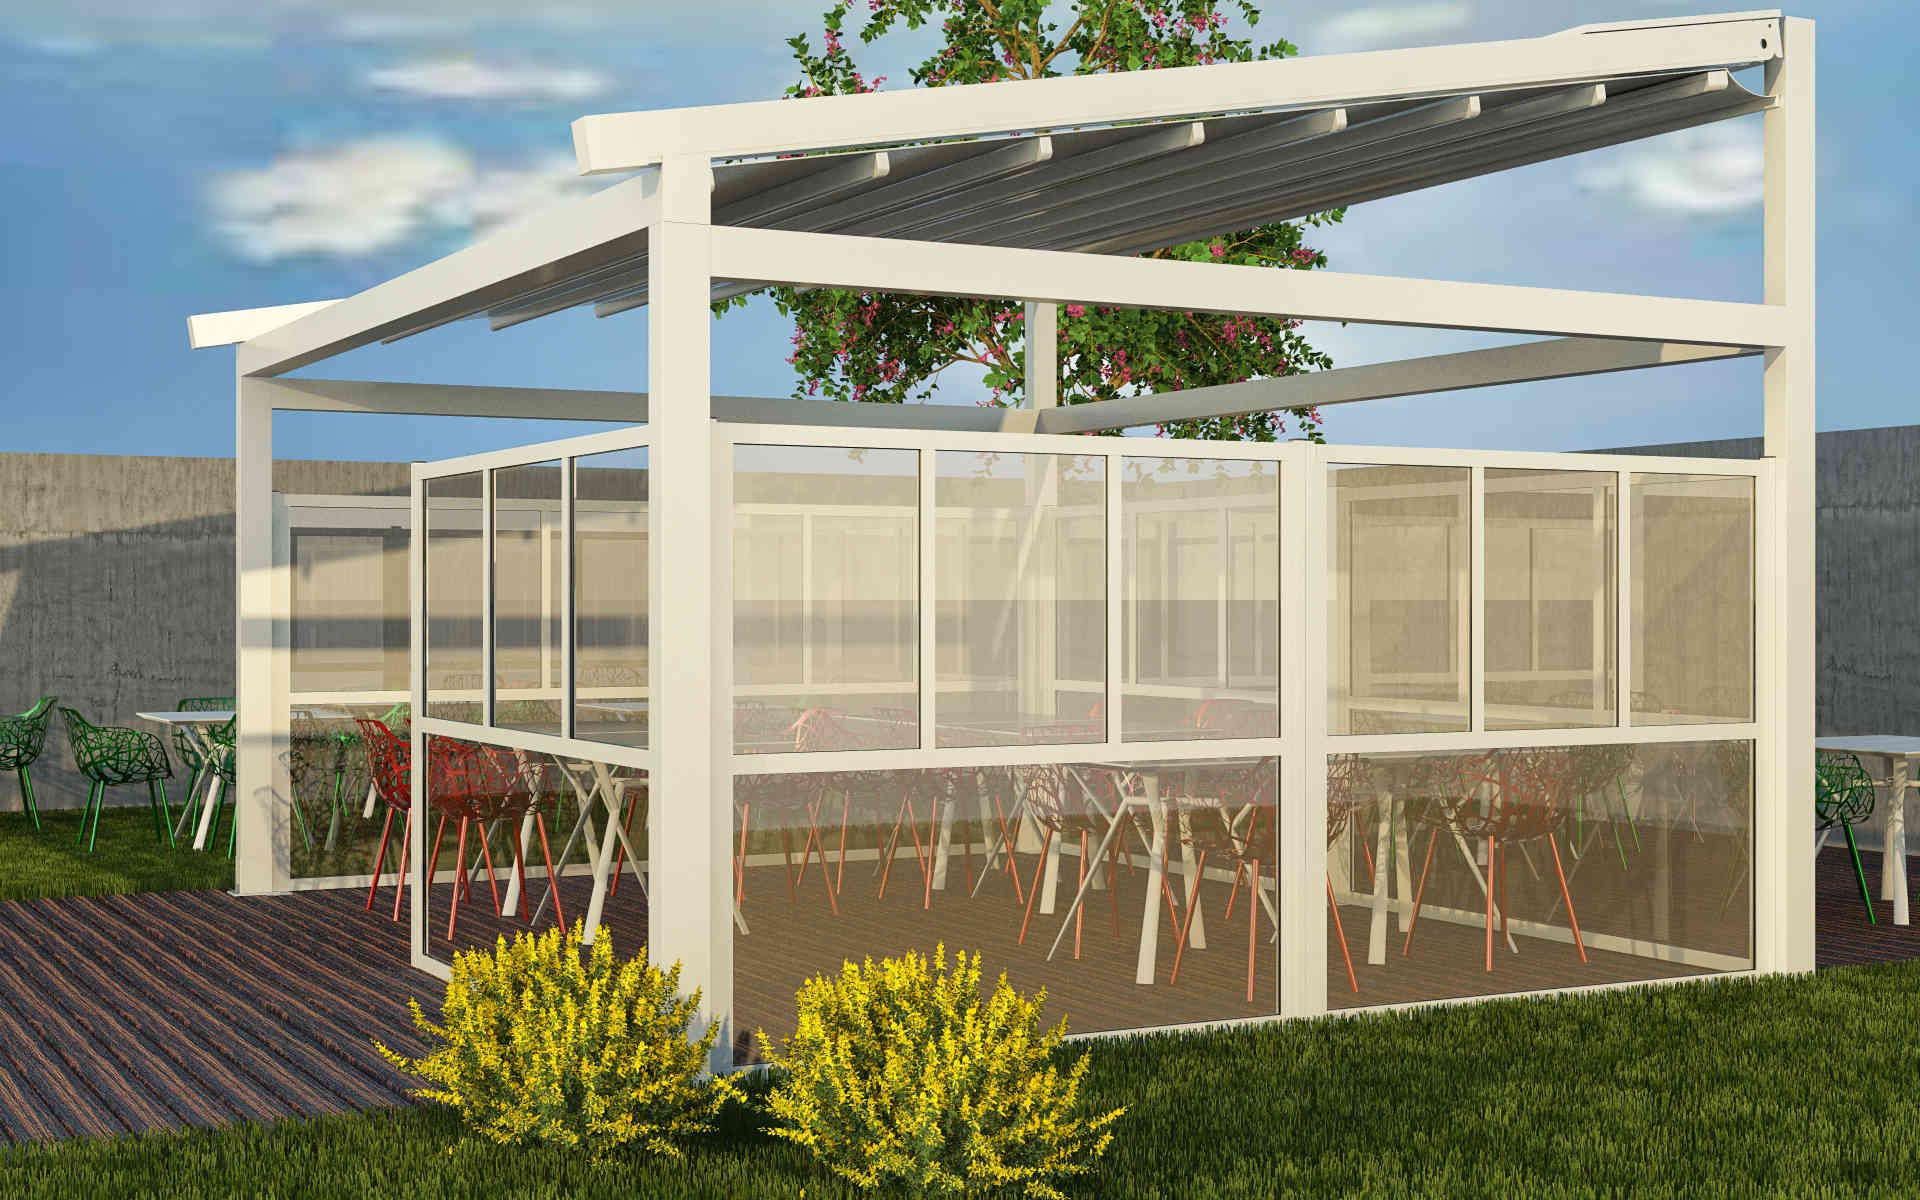 Paravento modulare per esterno in alluminio e vetro mod. GL Quadro con vetro sia superiormente che inferiormente - Stameat srl - Produzione ed installazione - Bologna